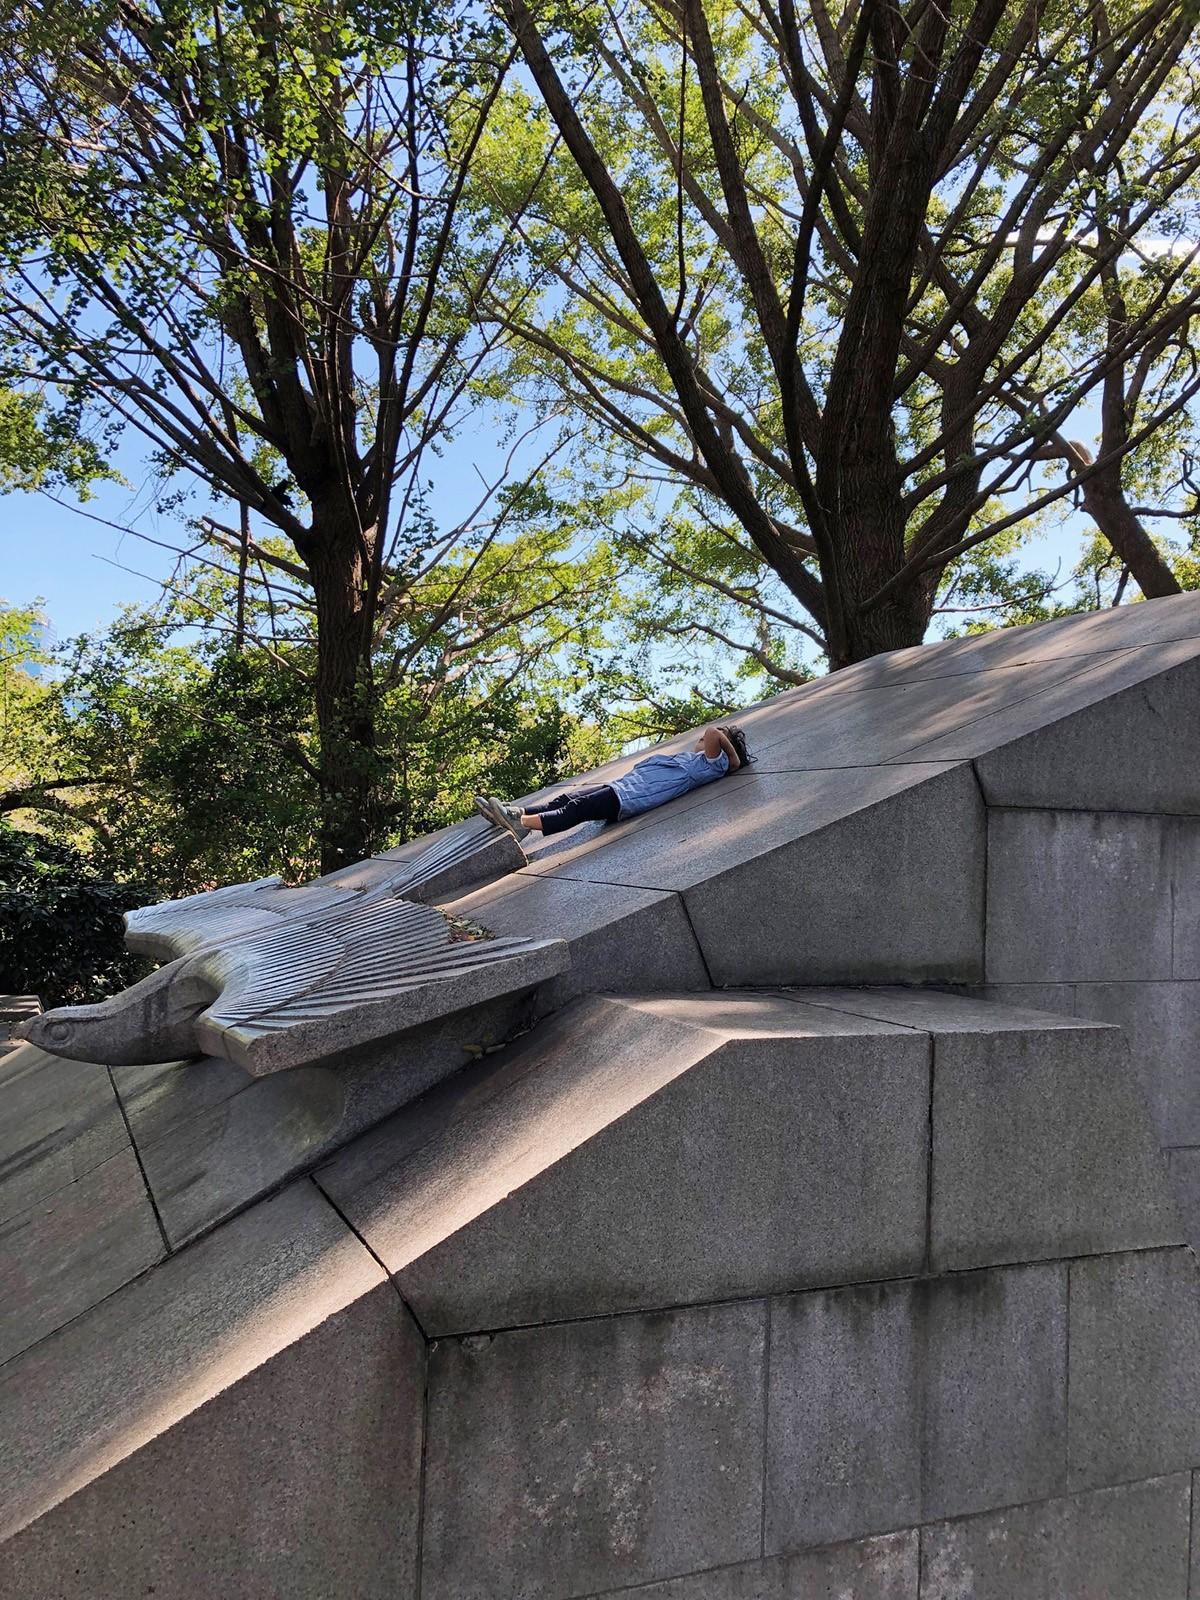 第40回:salvia デザイナー セキユリヲより </br>子育ては「ひとつ階段をのぼった瞬間」の積み重ねなのかもしれない。